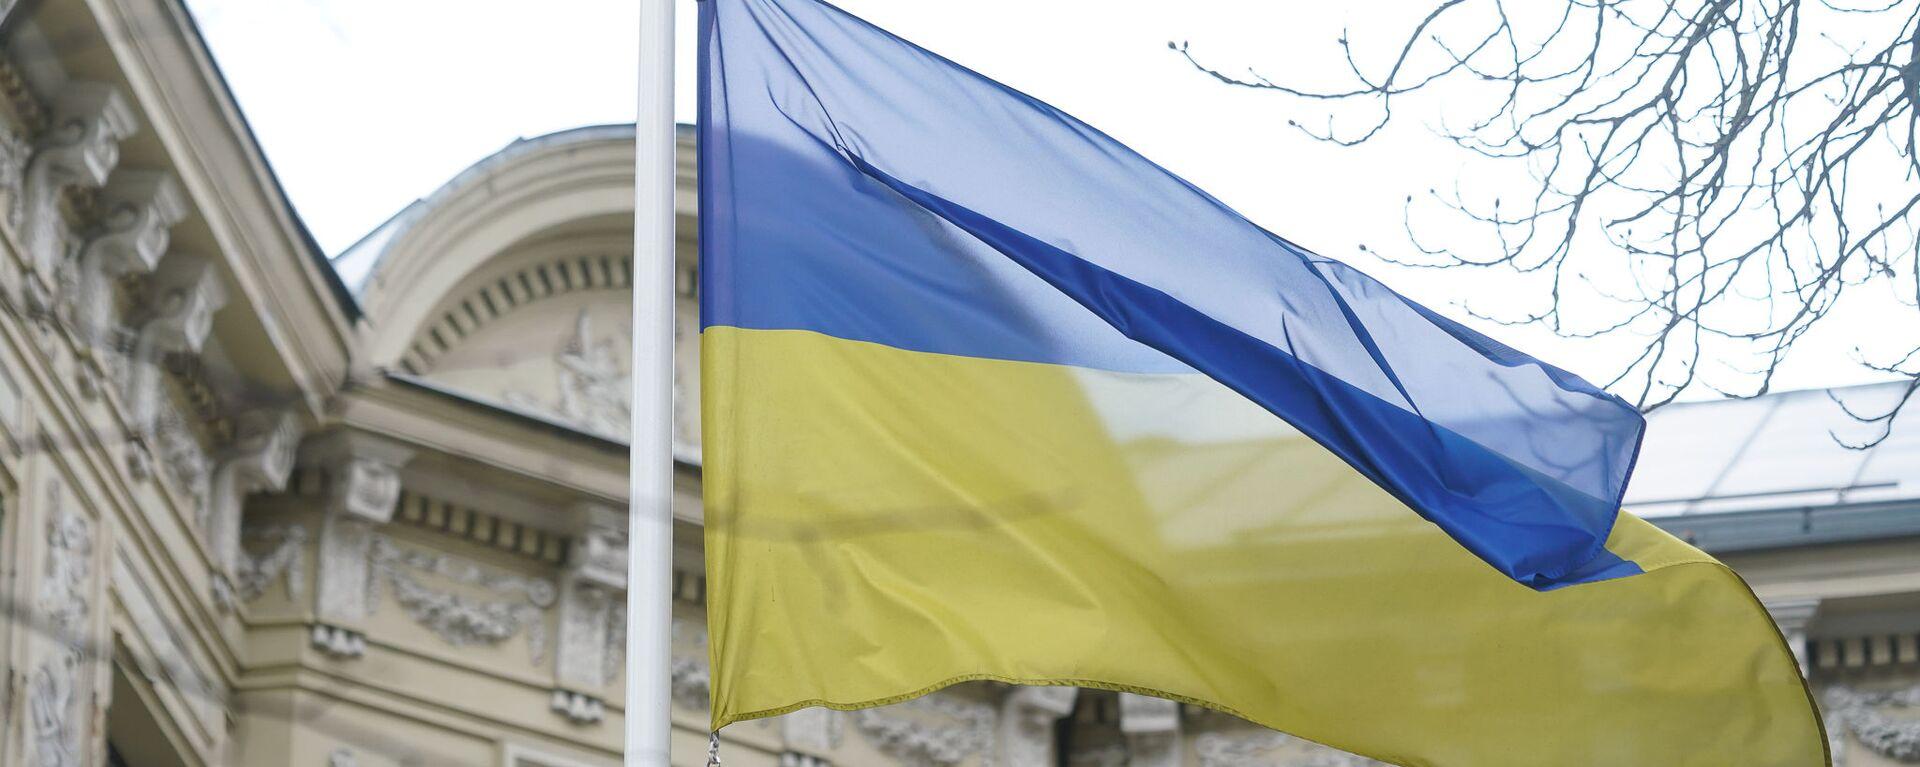 Флаг Украины у здания посольства в Риге - Sputnik Latvija, 1920, 20.08.2021